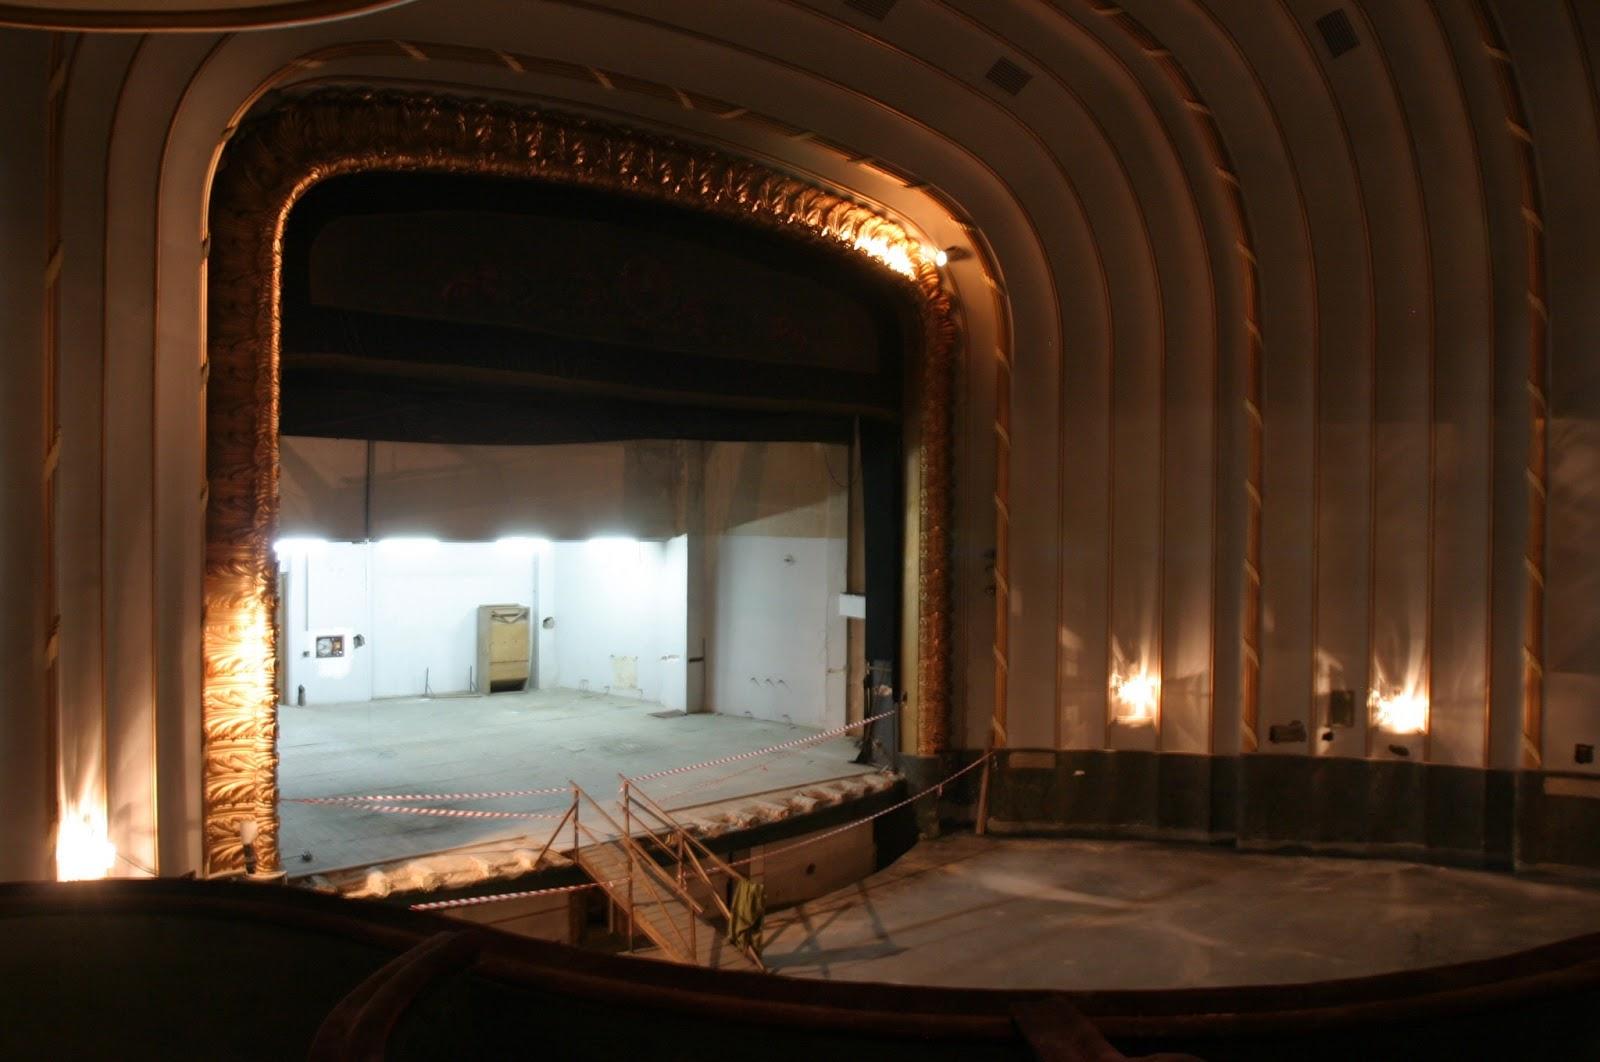 cine-carlosIII-madrid-rehabilitacion-edificios-historicos